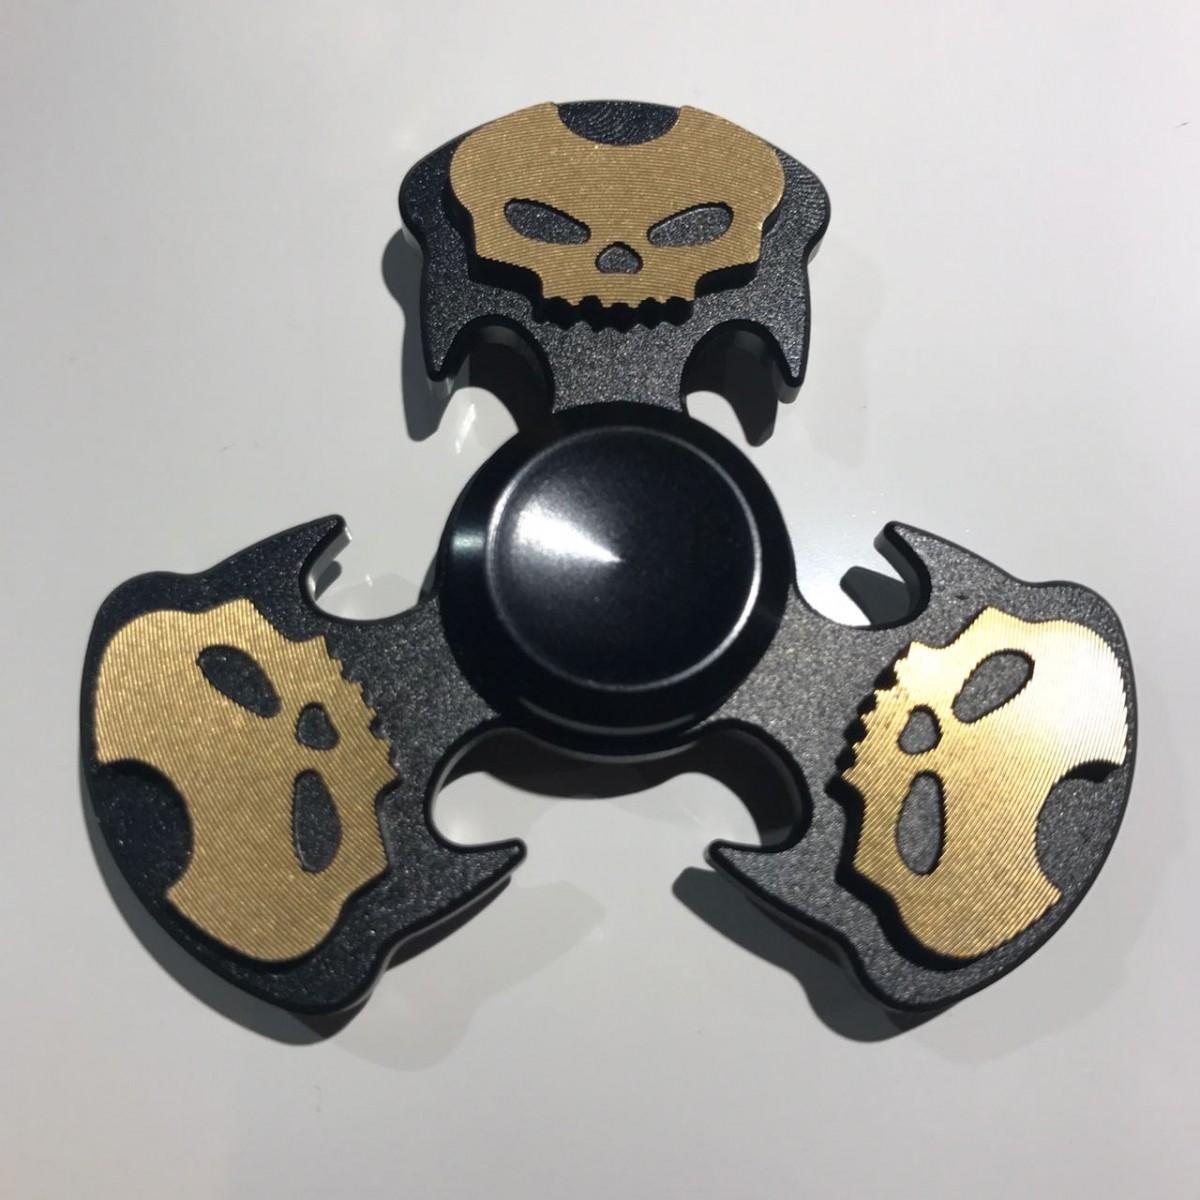 Hand Spinner de Caveira Preto - Rolamento Anti Estresse Fidget Hand Spinner